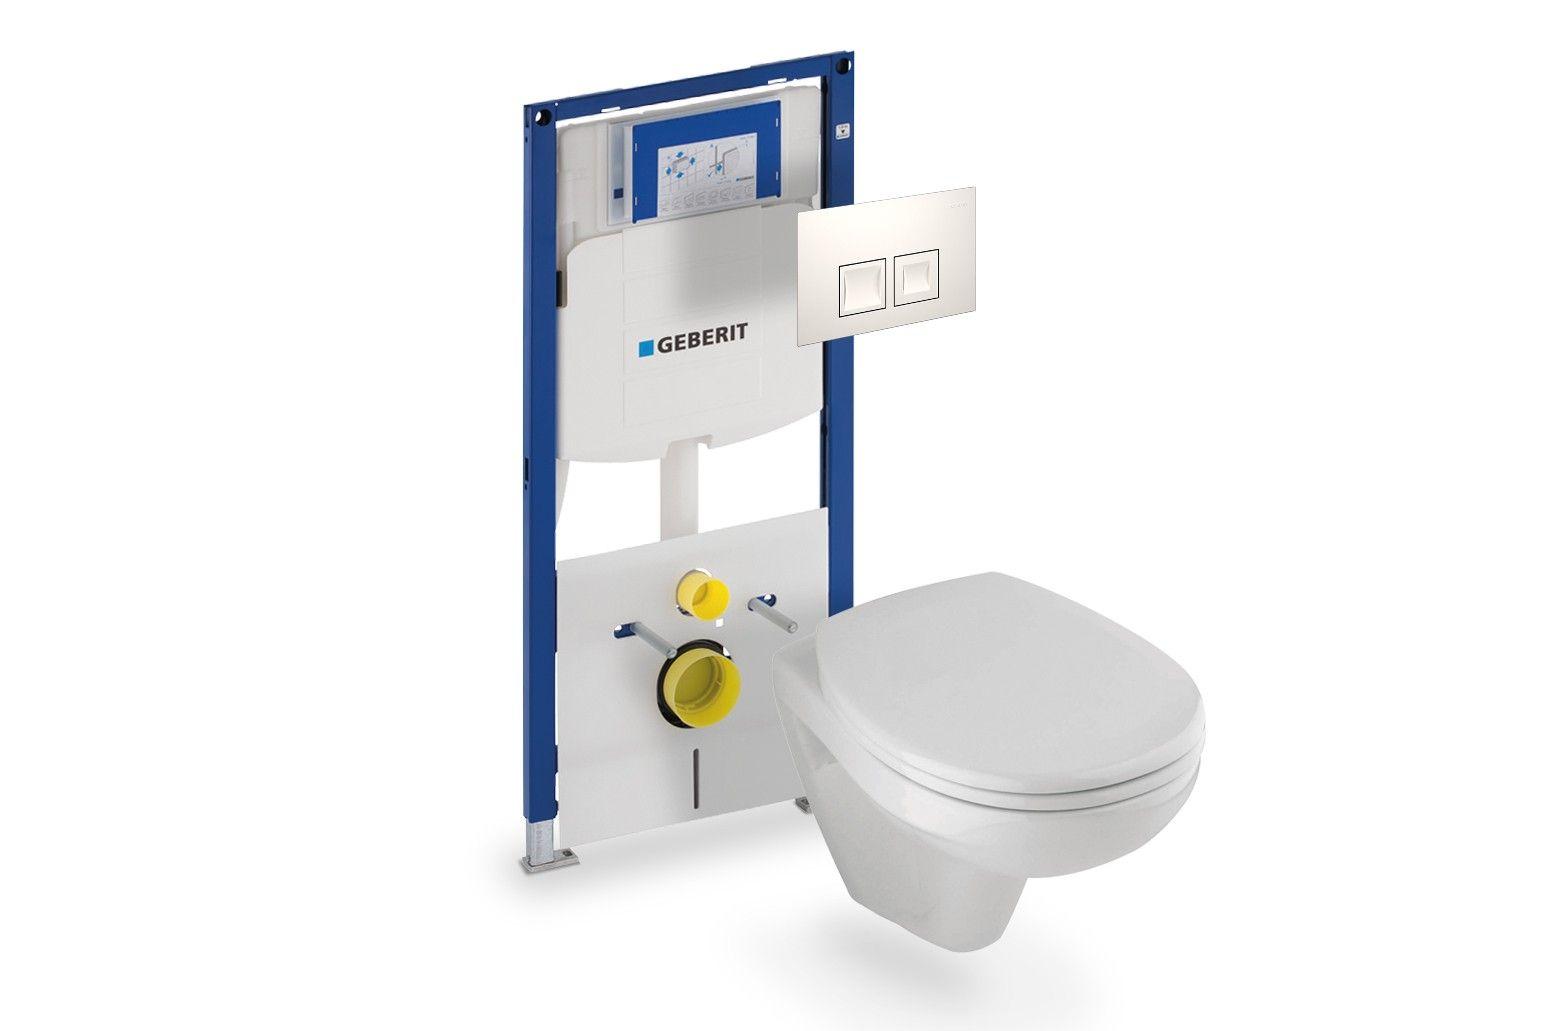 Geberit Hangend Toilet : Sphinx hangend toilet met geberit reservoir en bedieningsplaat